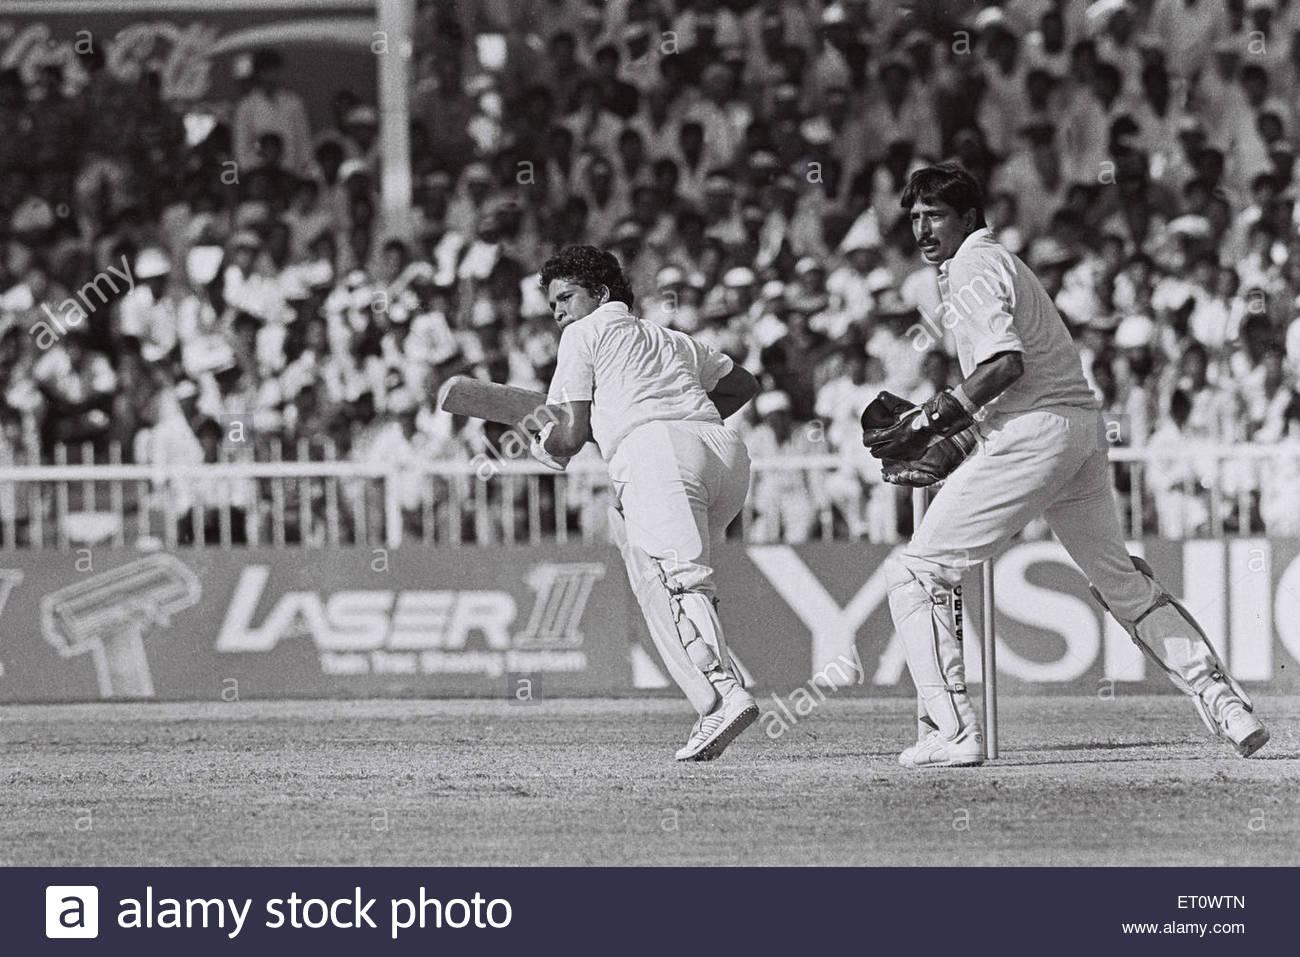 Sachem Medullar ; India versus Pakistan ; cricket match ; Sarah Cup 1990 NOMR - Stock Image